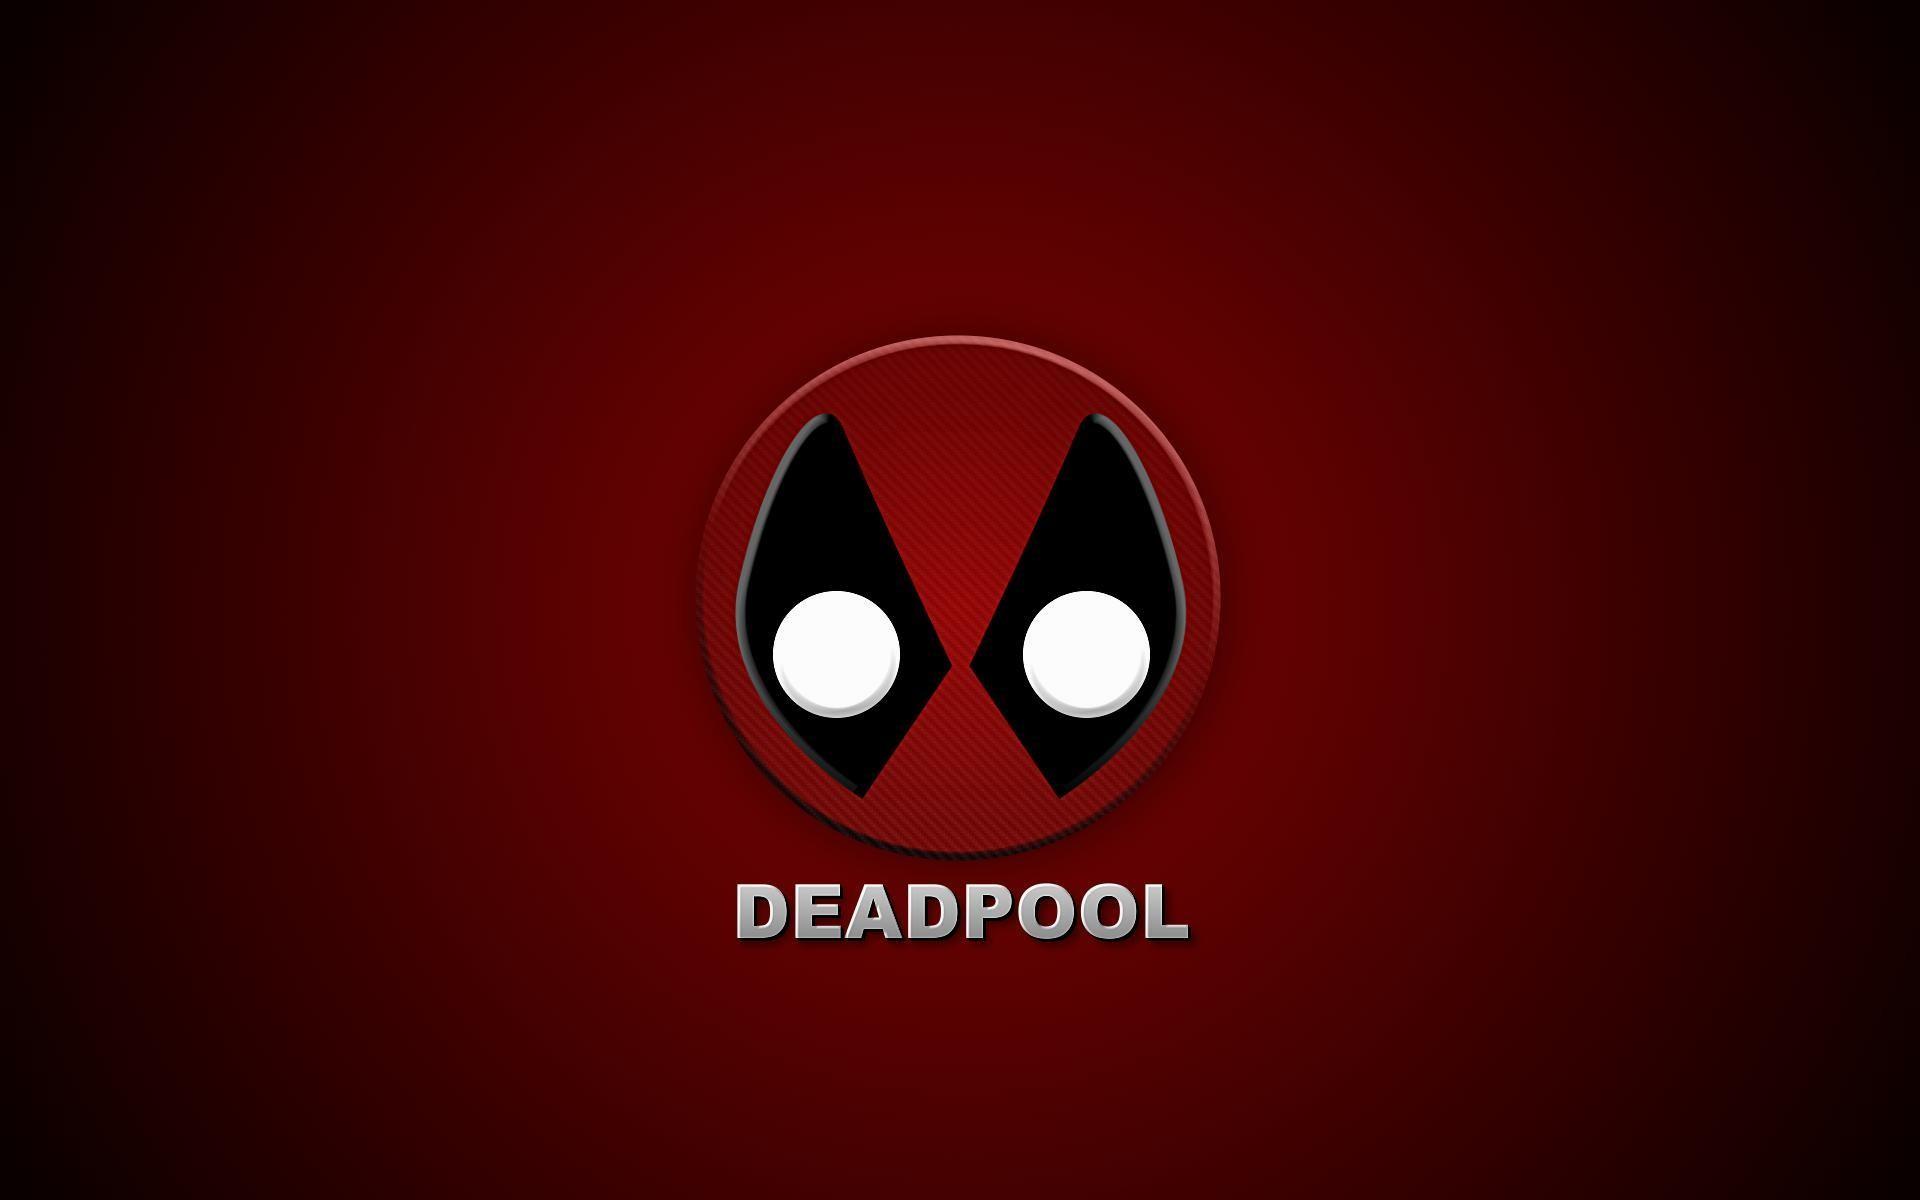 Deadpool Wallpaper Hd 72 Images